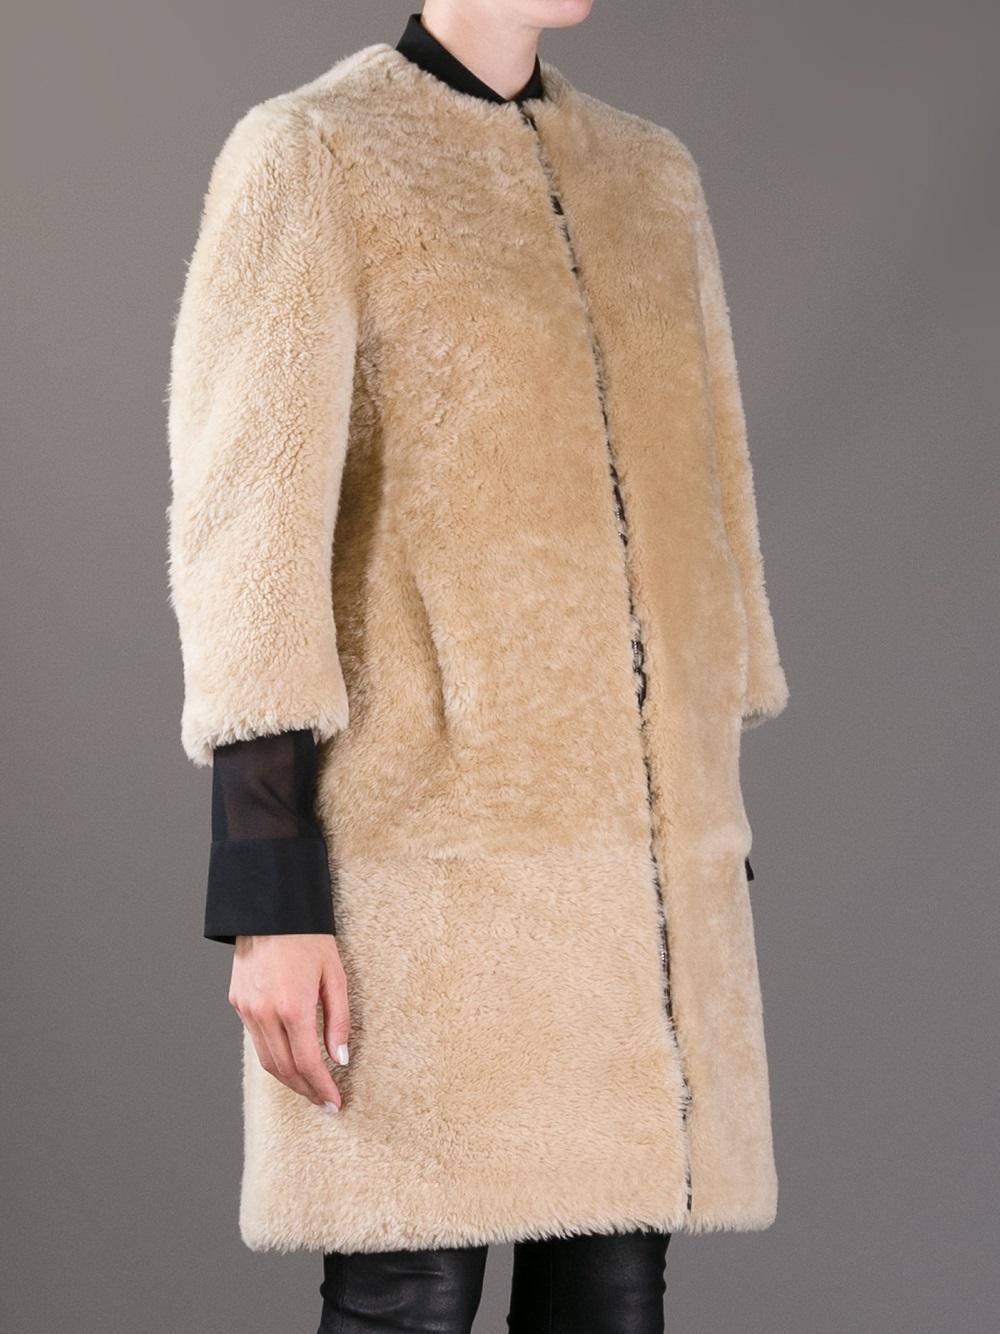 Marni Lamb Fur Coat in Natural | Lyst